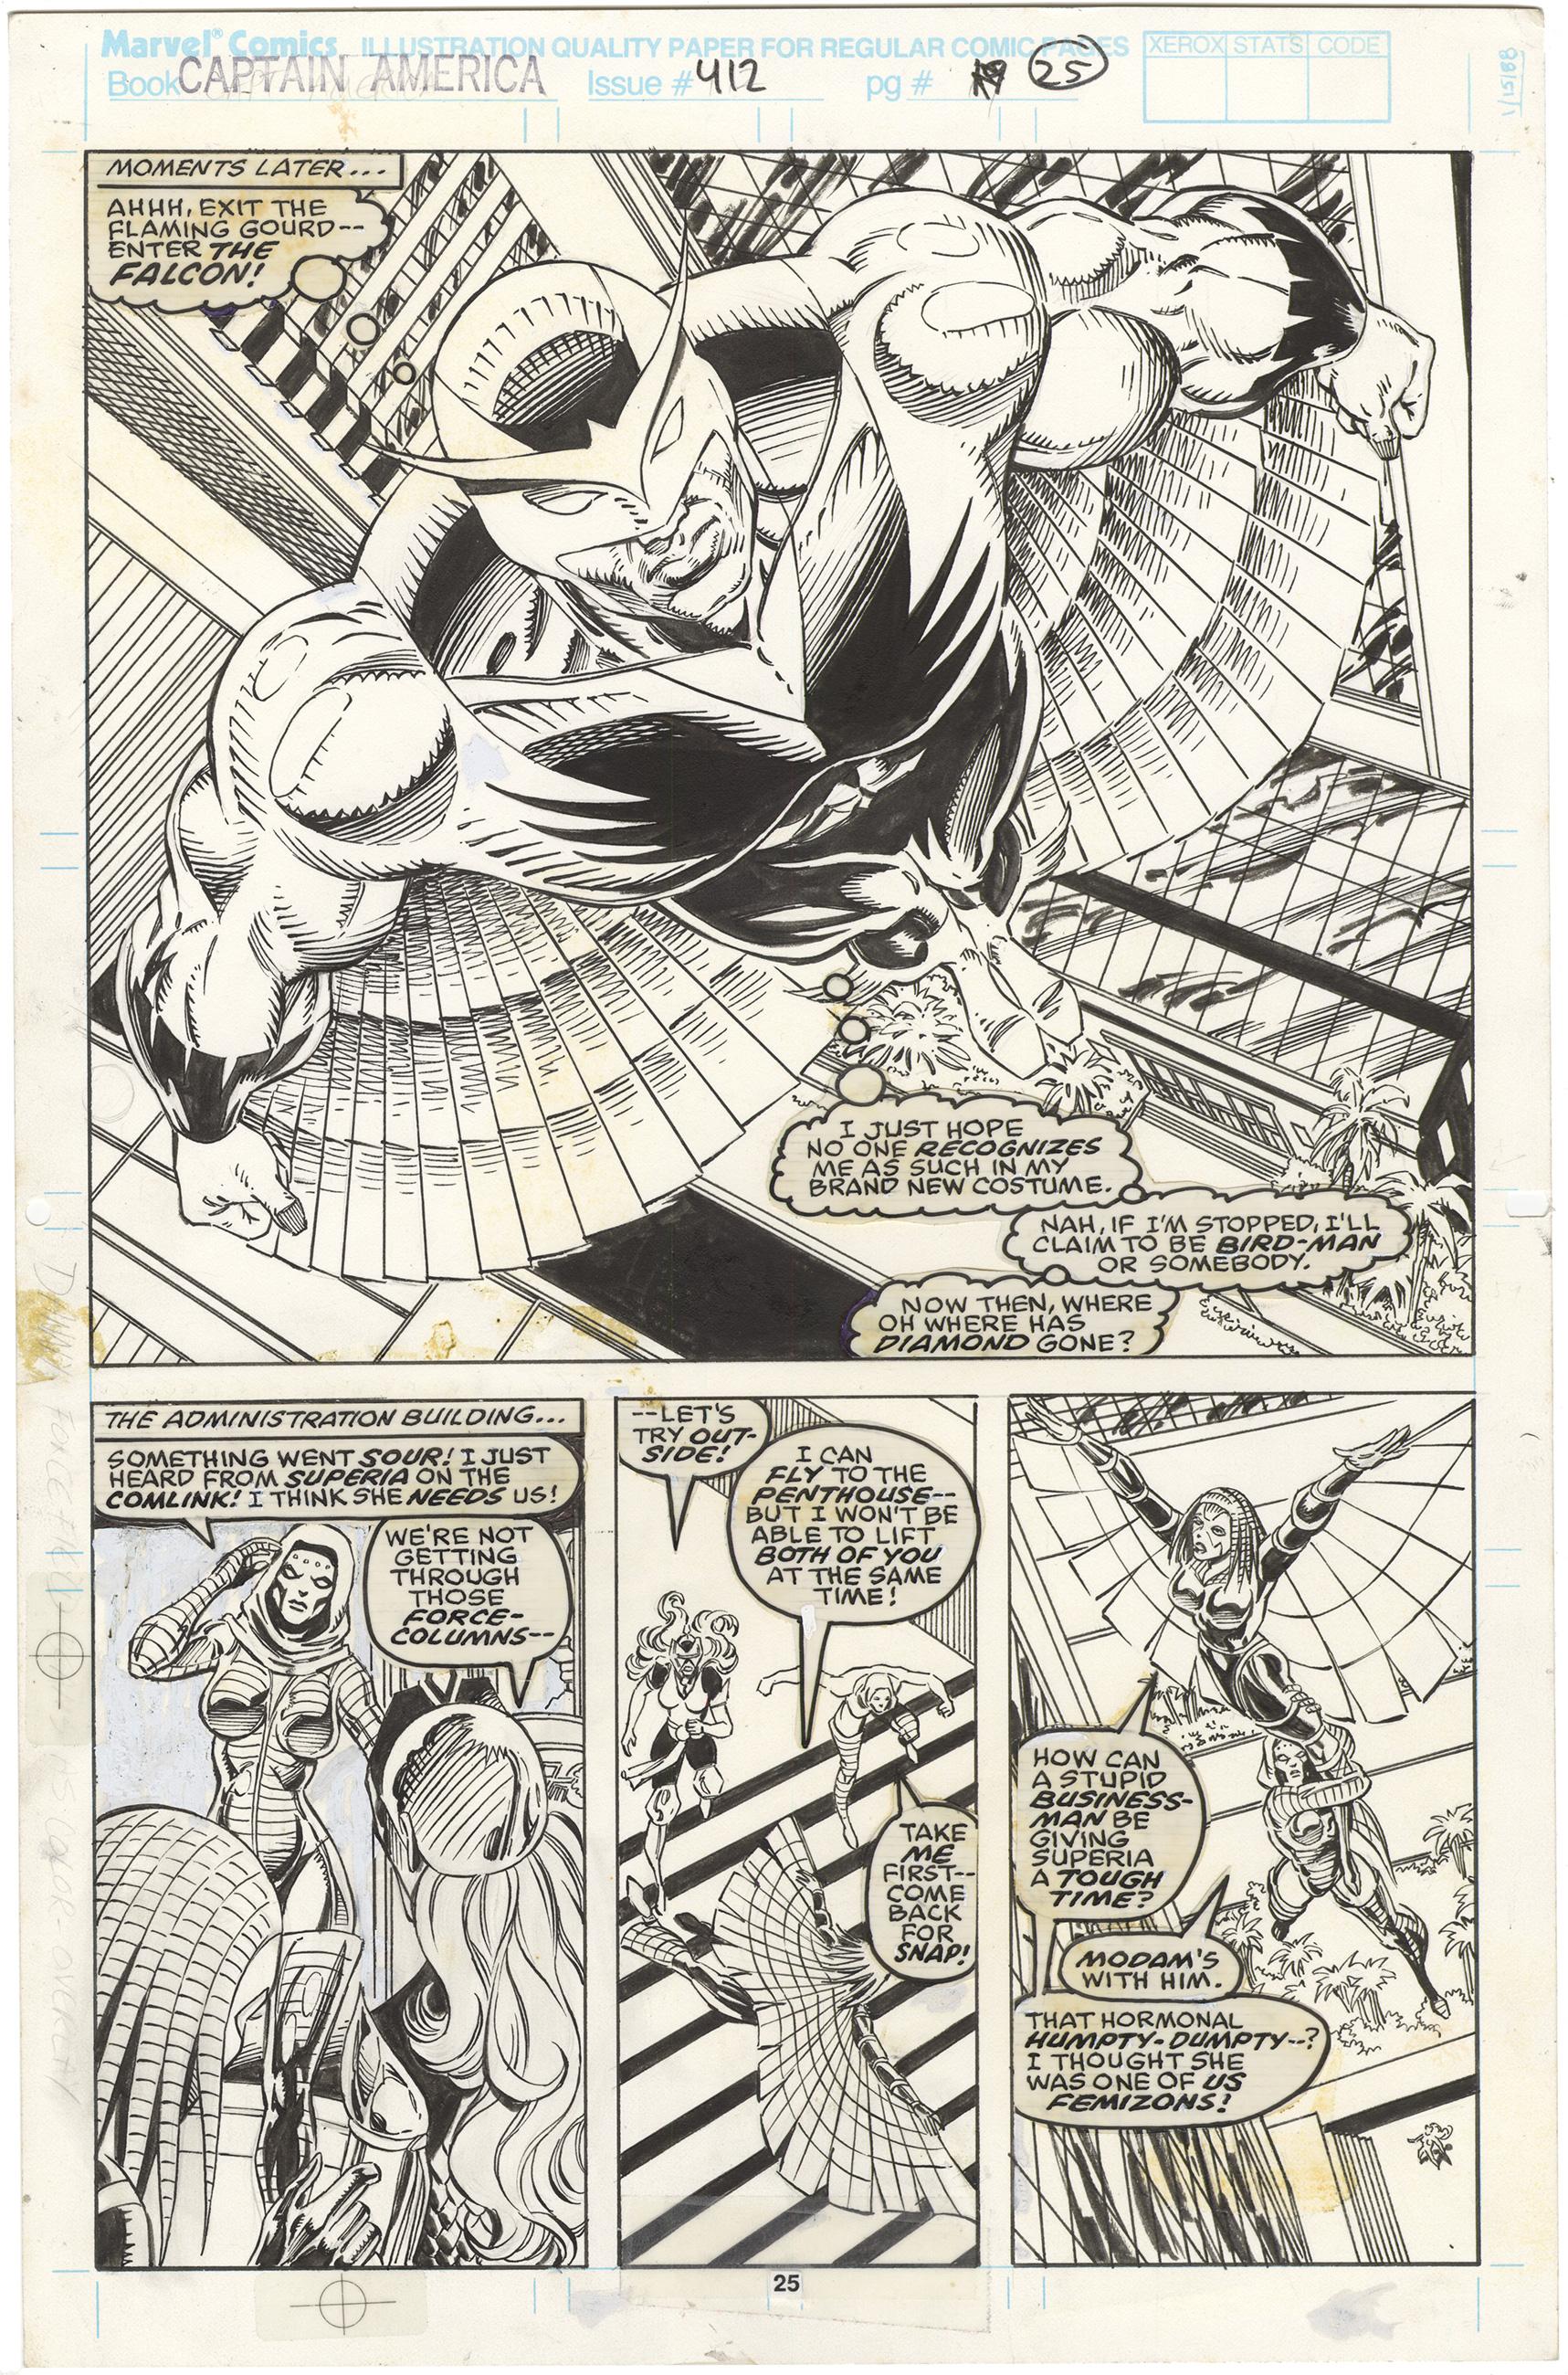 Captain America #412 p25